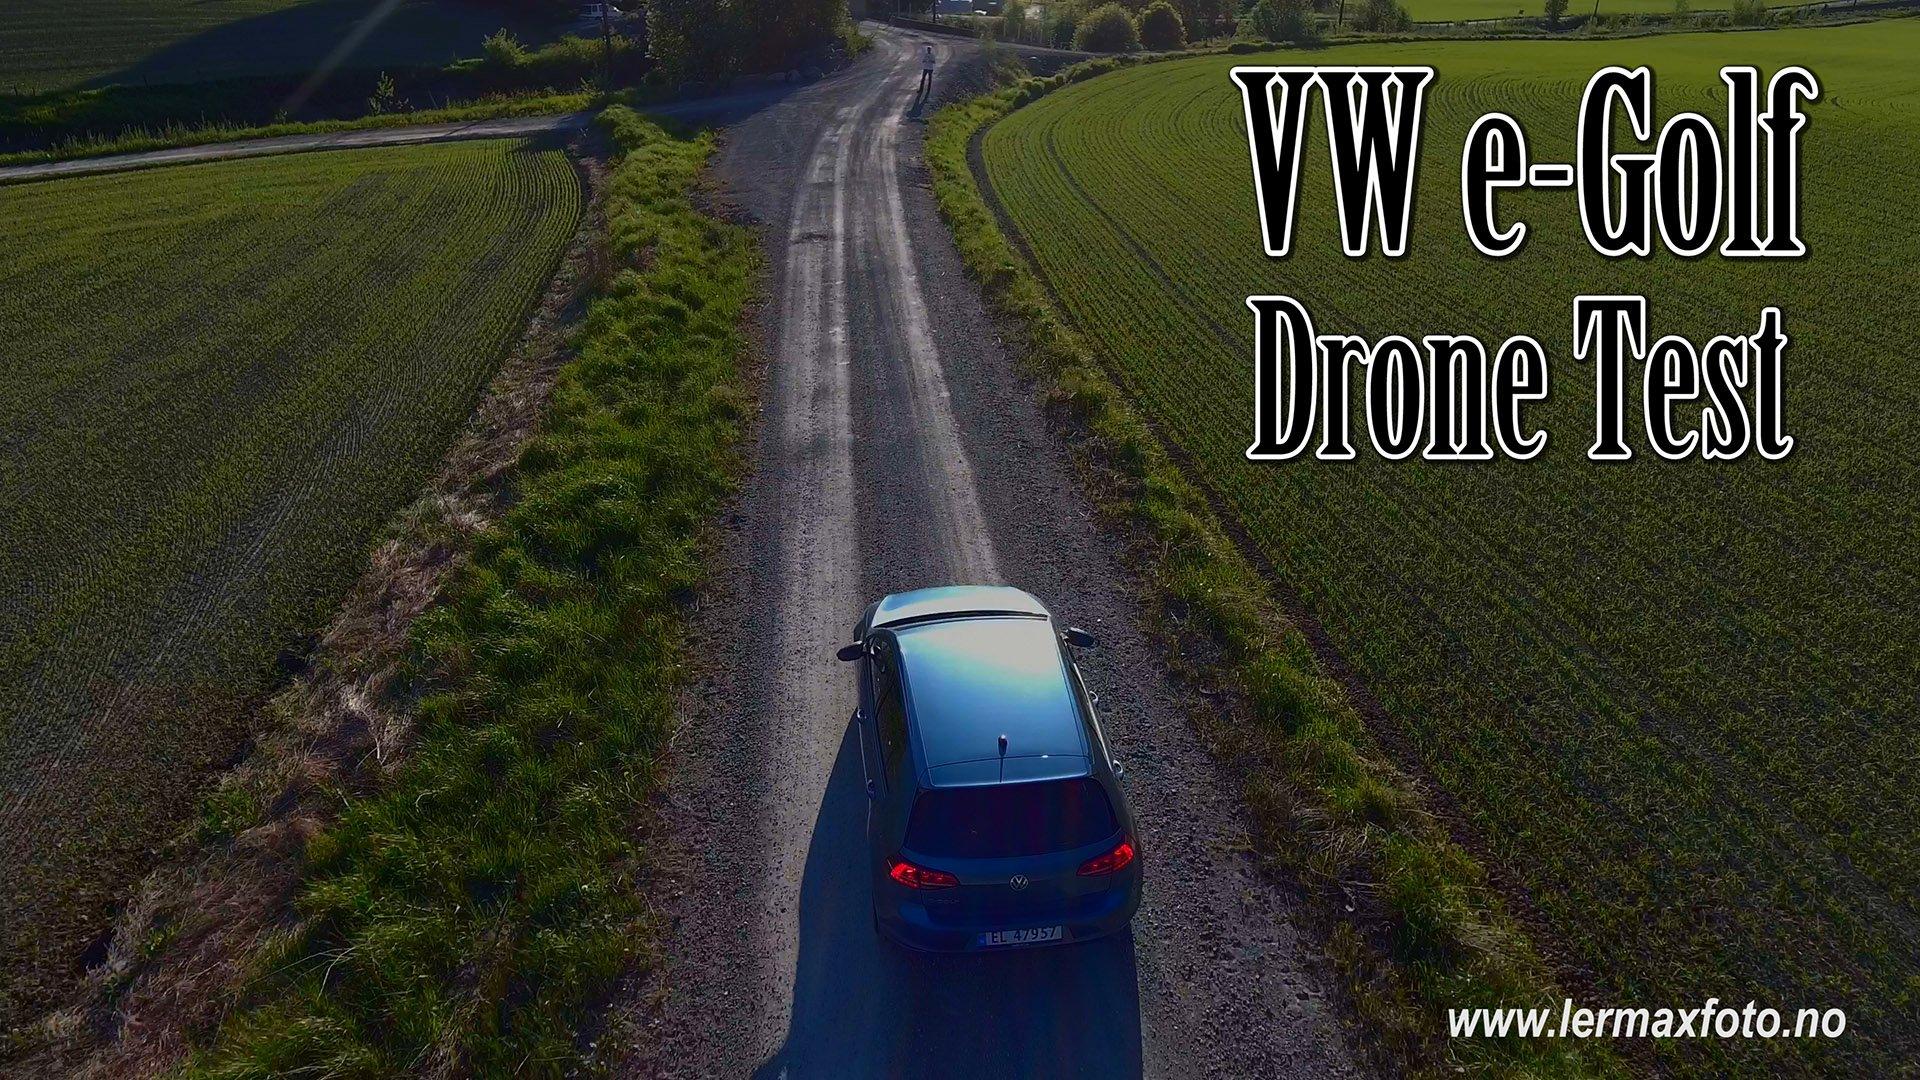 Drone foto / video